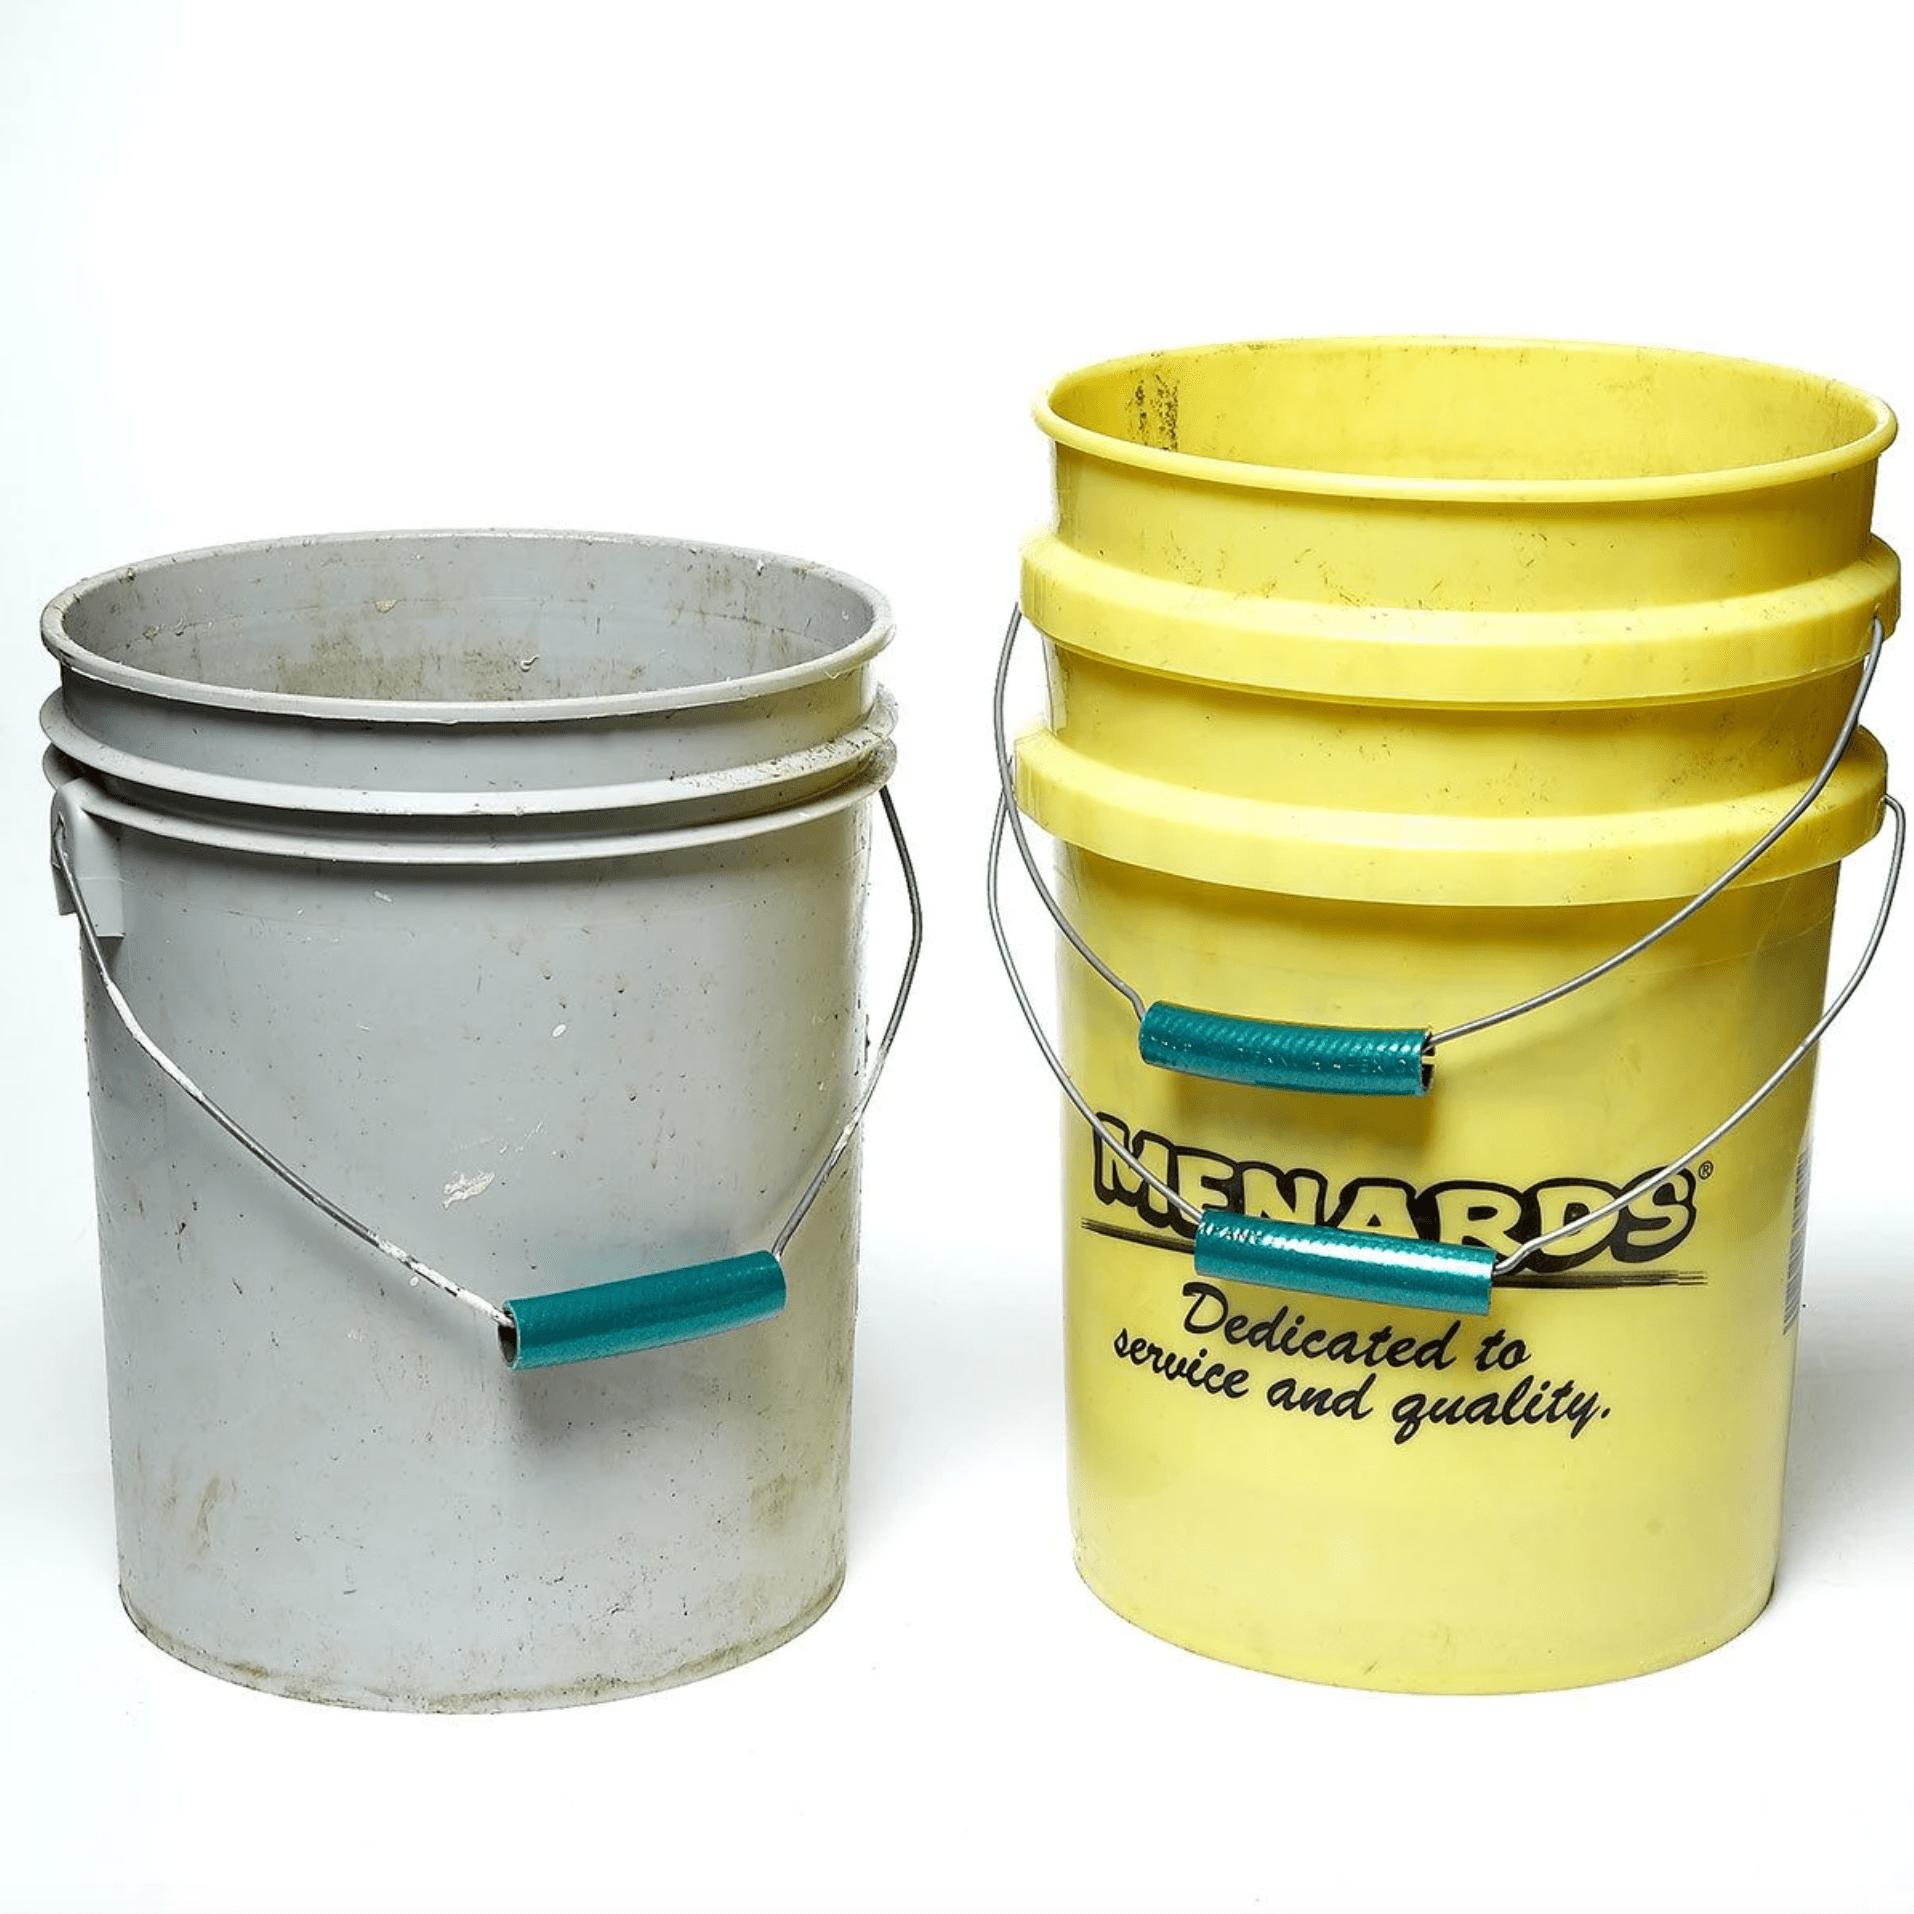 Easy-on-the-Hands Bucket Handles